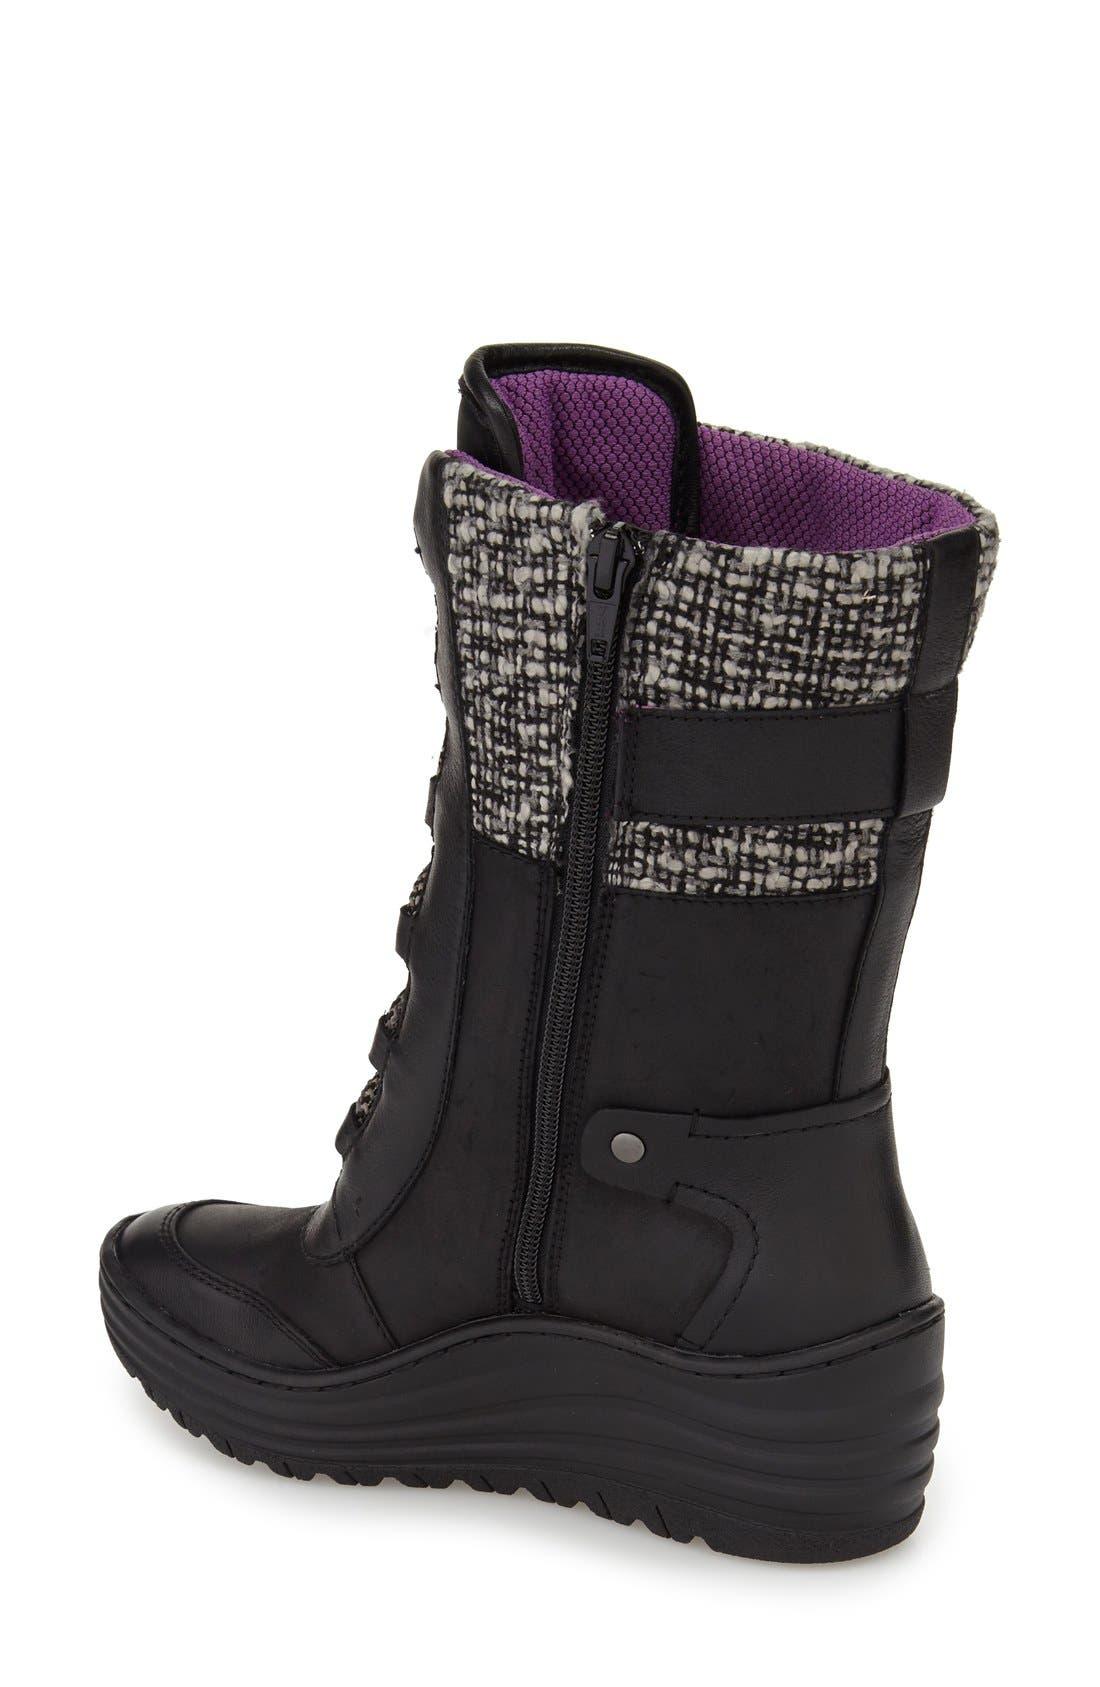 Garland Waterproof Wedge Boot,                             Alternate thumbnail 3, color,                             Black Waterproof Leather